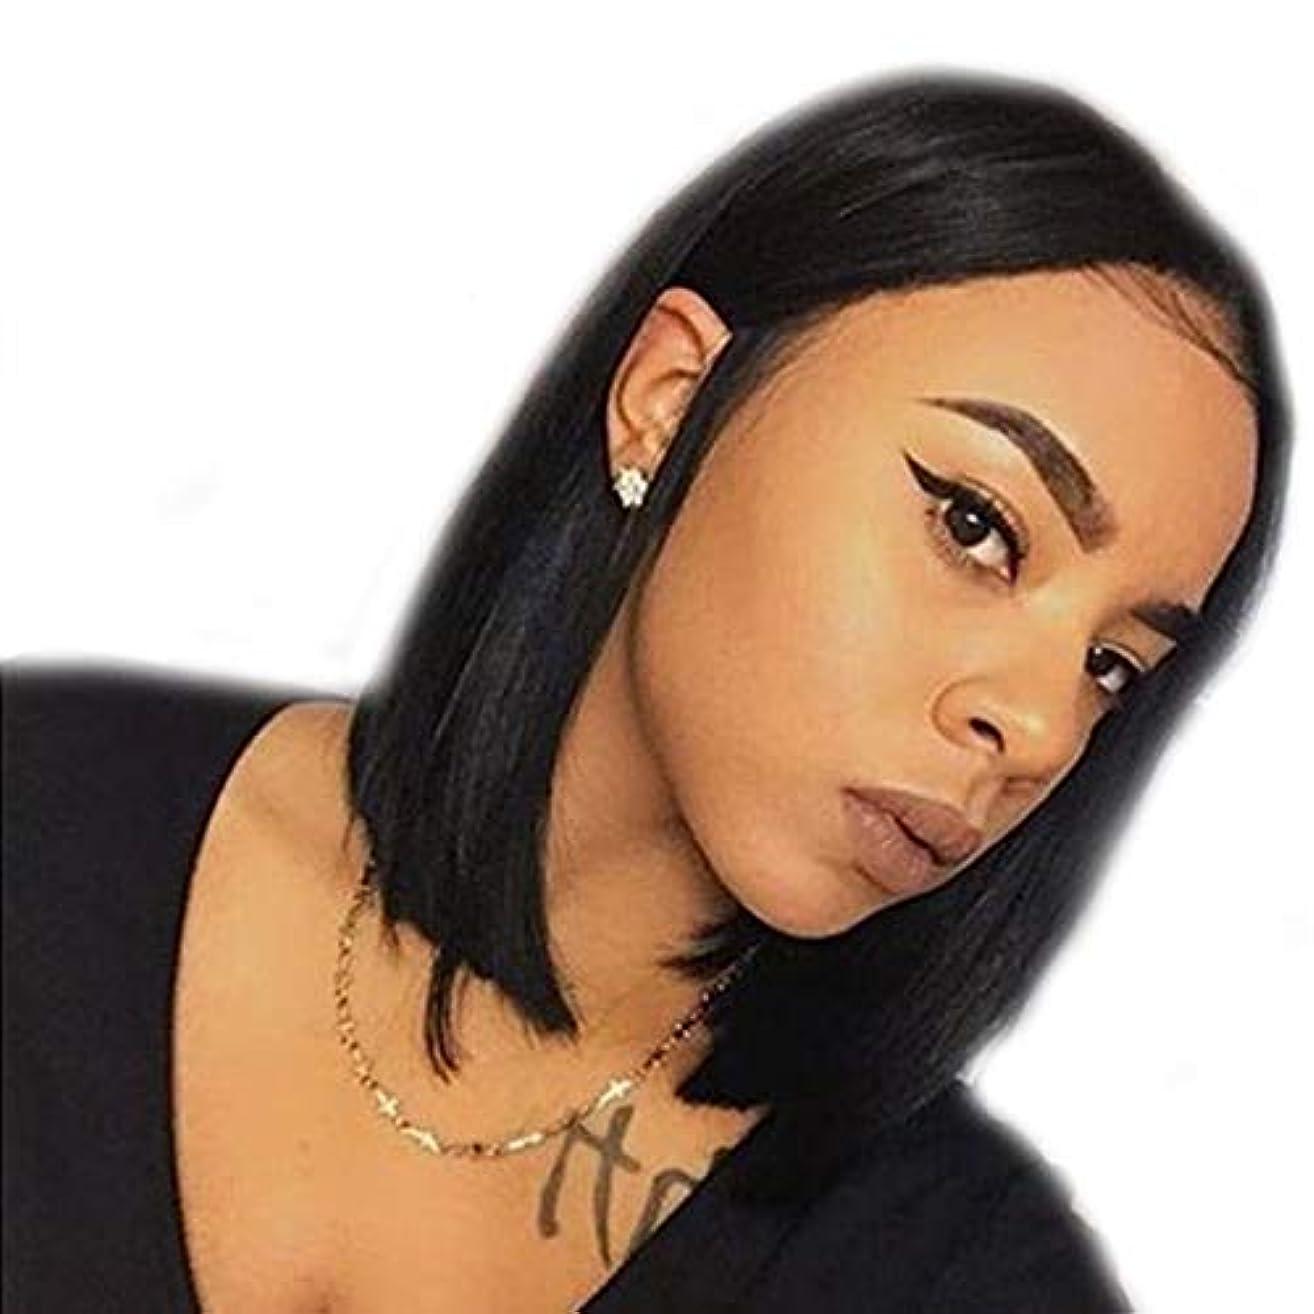 受取人創傷気づくKerwinner レディースナチュラルウィッグブラックショートストレートヘアボボヘッドインザビーンズ女性コスプレ (Color : Black)